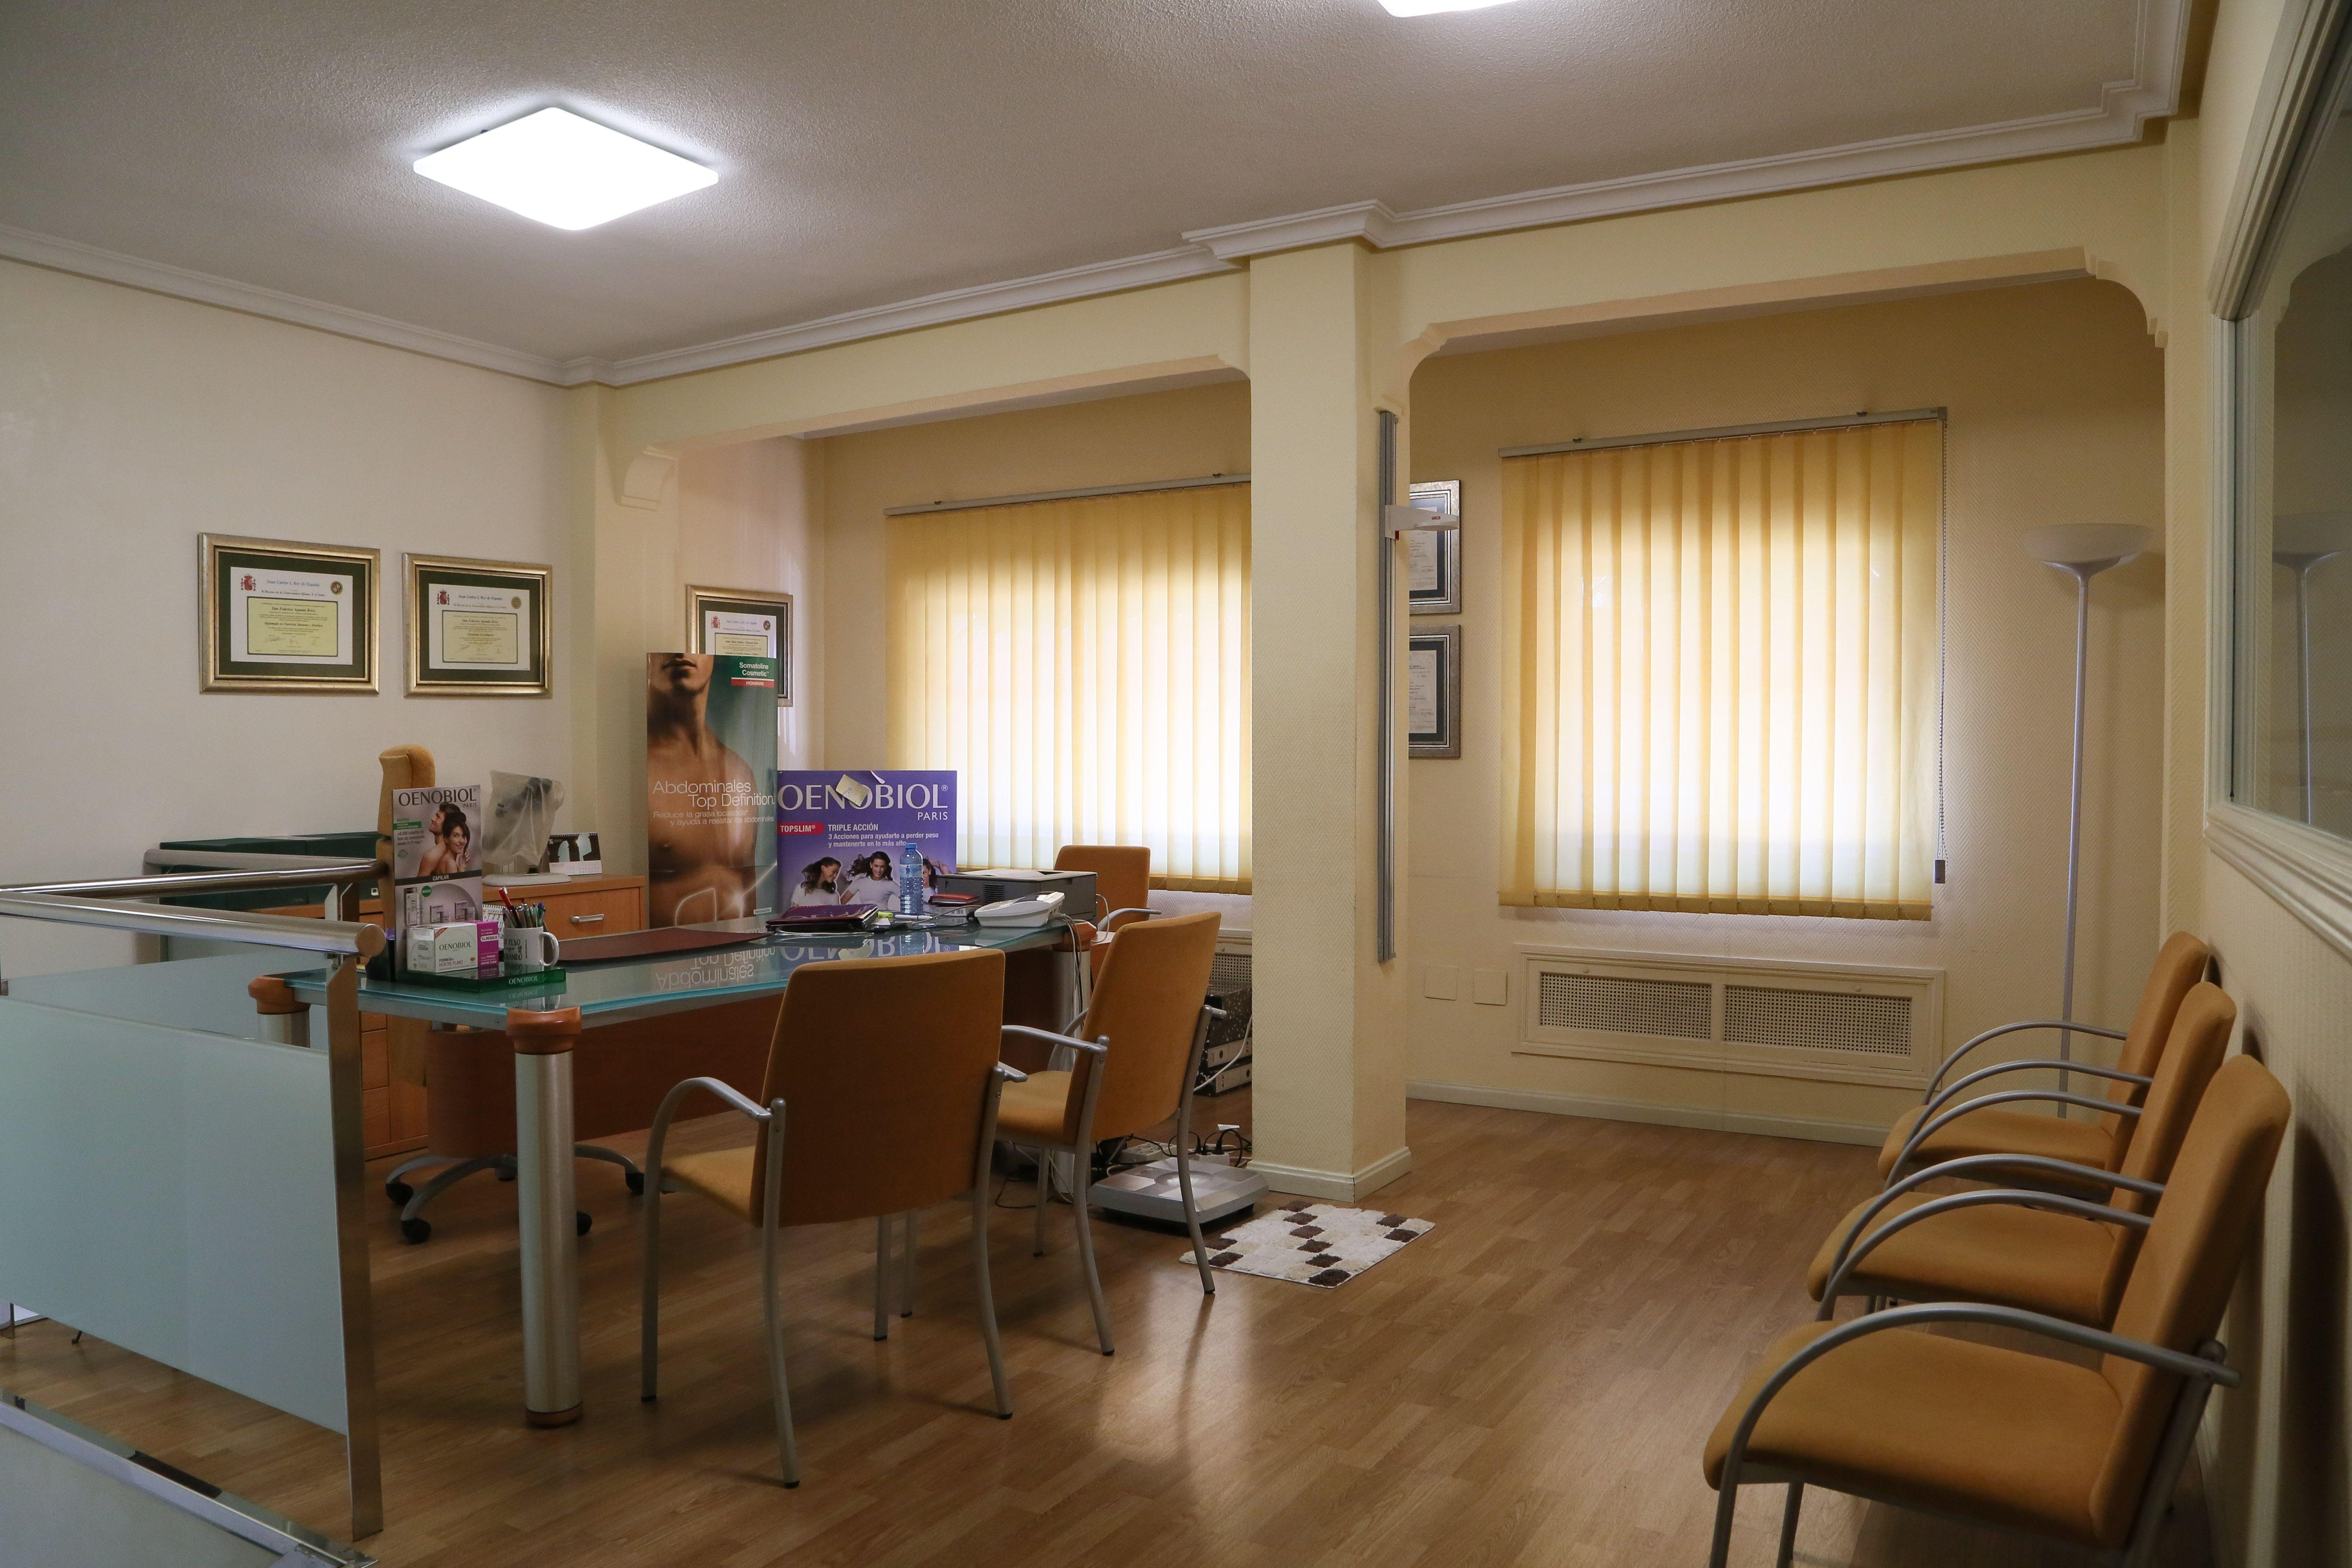 Foto 3 de Homeopatía en Toledo | Farmacia Lda. Mª Dolores Espinosa